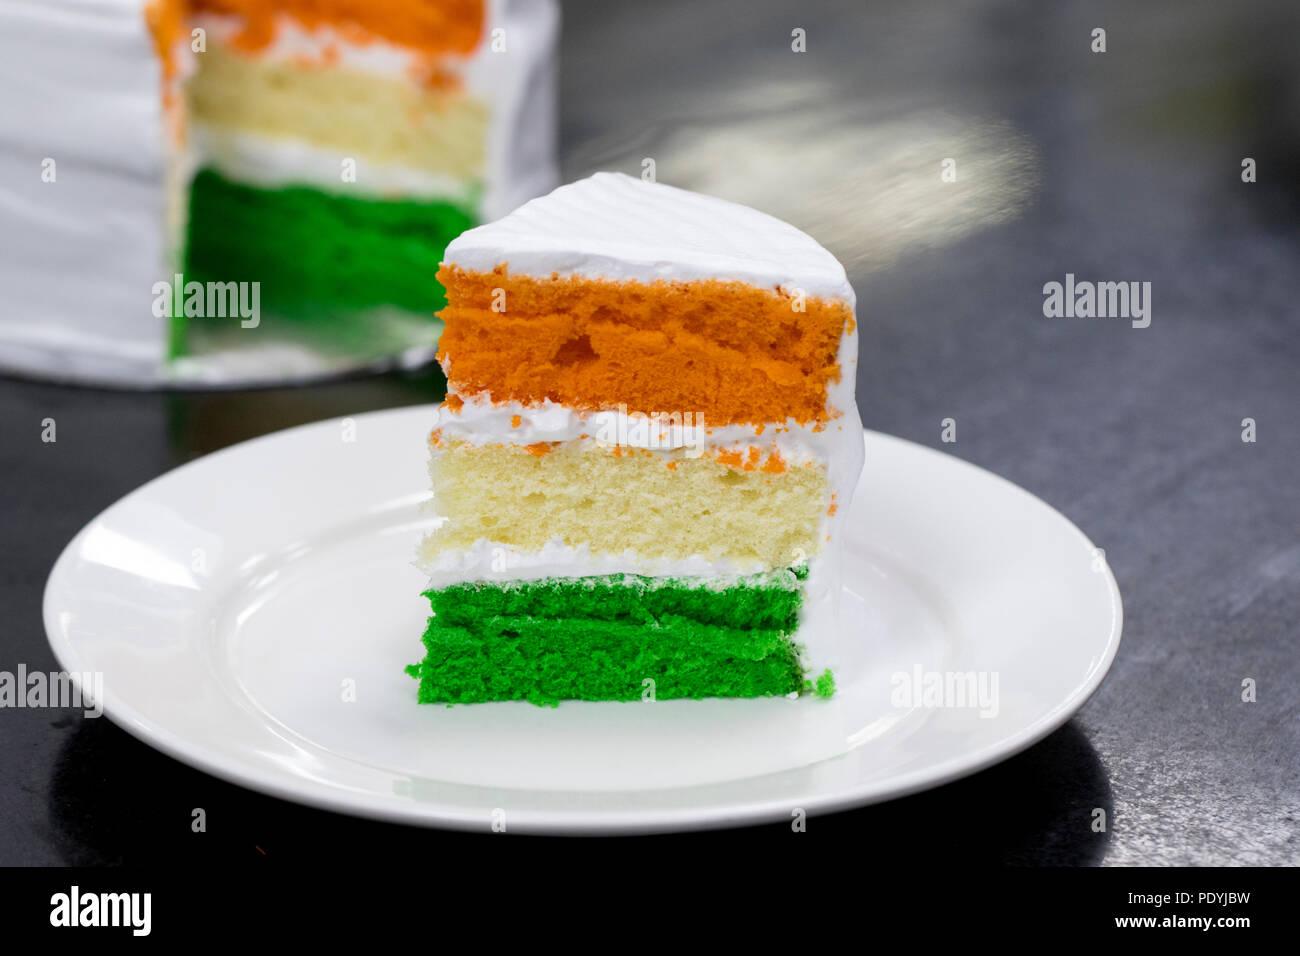 Tri color rodajas de bizcocho con capas - especial del día de la independencia el 15 de agosto la India Imagen De Stock